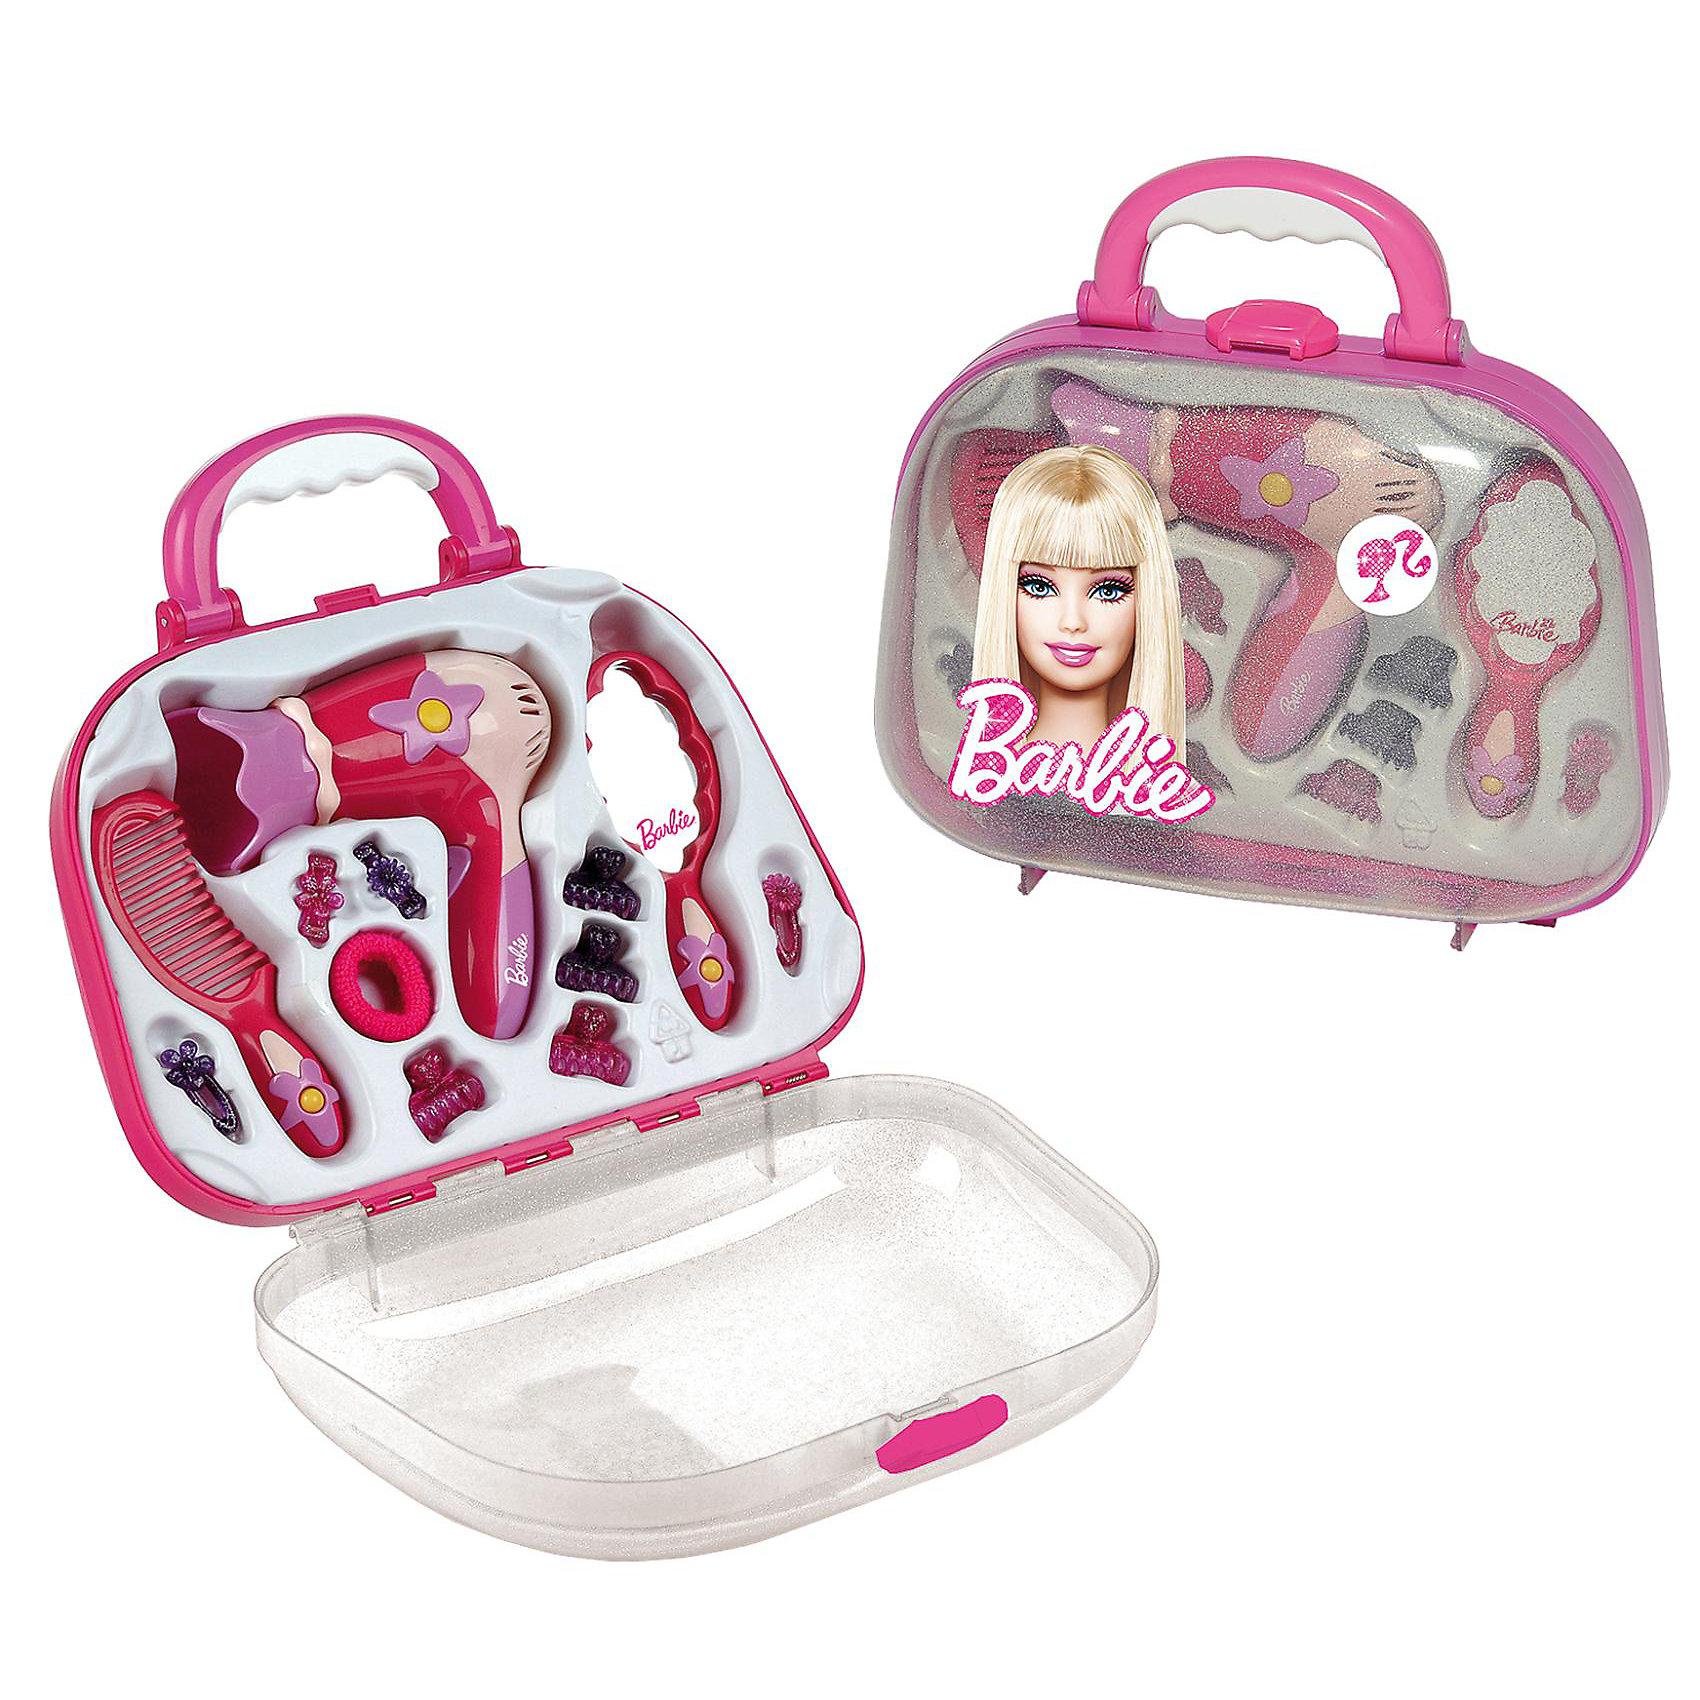 Набор парикмахера с феном Barbie, KleinНабор парикмахера от Кляйн (Klein) станет замечательным подарком для маленькой модницы. В наборе есть все необходимое для проявления творческой фантазии и создания новых необыкновенных причесок любимым куклам. Здесь Вы найдете фен, расческу, зеркало, различные заколочки и резиночки для волос. Фен имитирует работу настоящего взрослого фена: при включении из него идет струя воздуха и раздаются характерные звуки. Все инструменты упакованы в удобный чемоданчик с прозрачной передней частью и изображением куклы Барби, имеется ручка для транспортировки. Внутри для каждого инструмента есть свой отсек.<br><br>Дополнительная информация:<br><br>- В наборе: фен, расческа, зеркало, заколочки, резиночки для волос. <br>- Материал: пластик.<br>- Требуется батарейка: 1 х R6 (в комплект не входит).<br>- Размер упаковки: 27 x 28 x 10 см.<br>- Вес: 0,64 кг.<br><br>Набор парикмахера, Klein можно купить в нашем интернет-магазине.<br><br>Ширина мм: 275<br>Глубина мм: 250<br>Высота мм: 250<br>Вес г: 583<br>Возраст от месяцев: 36<br>Возраст до месяцев: 72<br>Пол: Женский<br>Возраст: Детский<br>SKU: 2041560